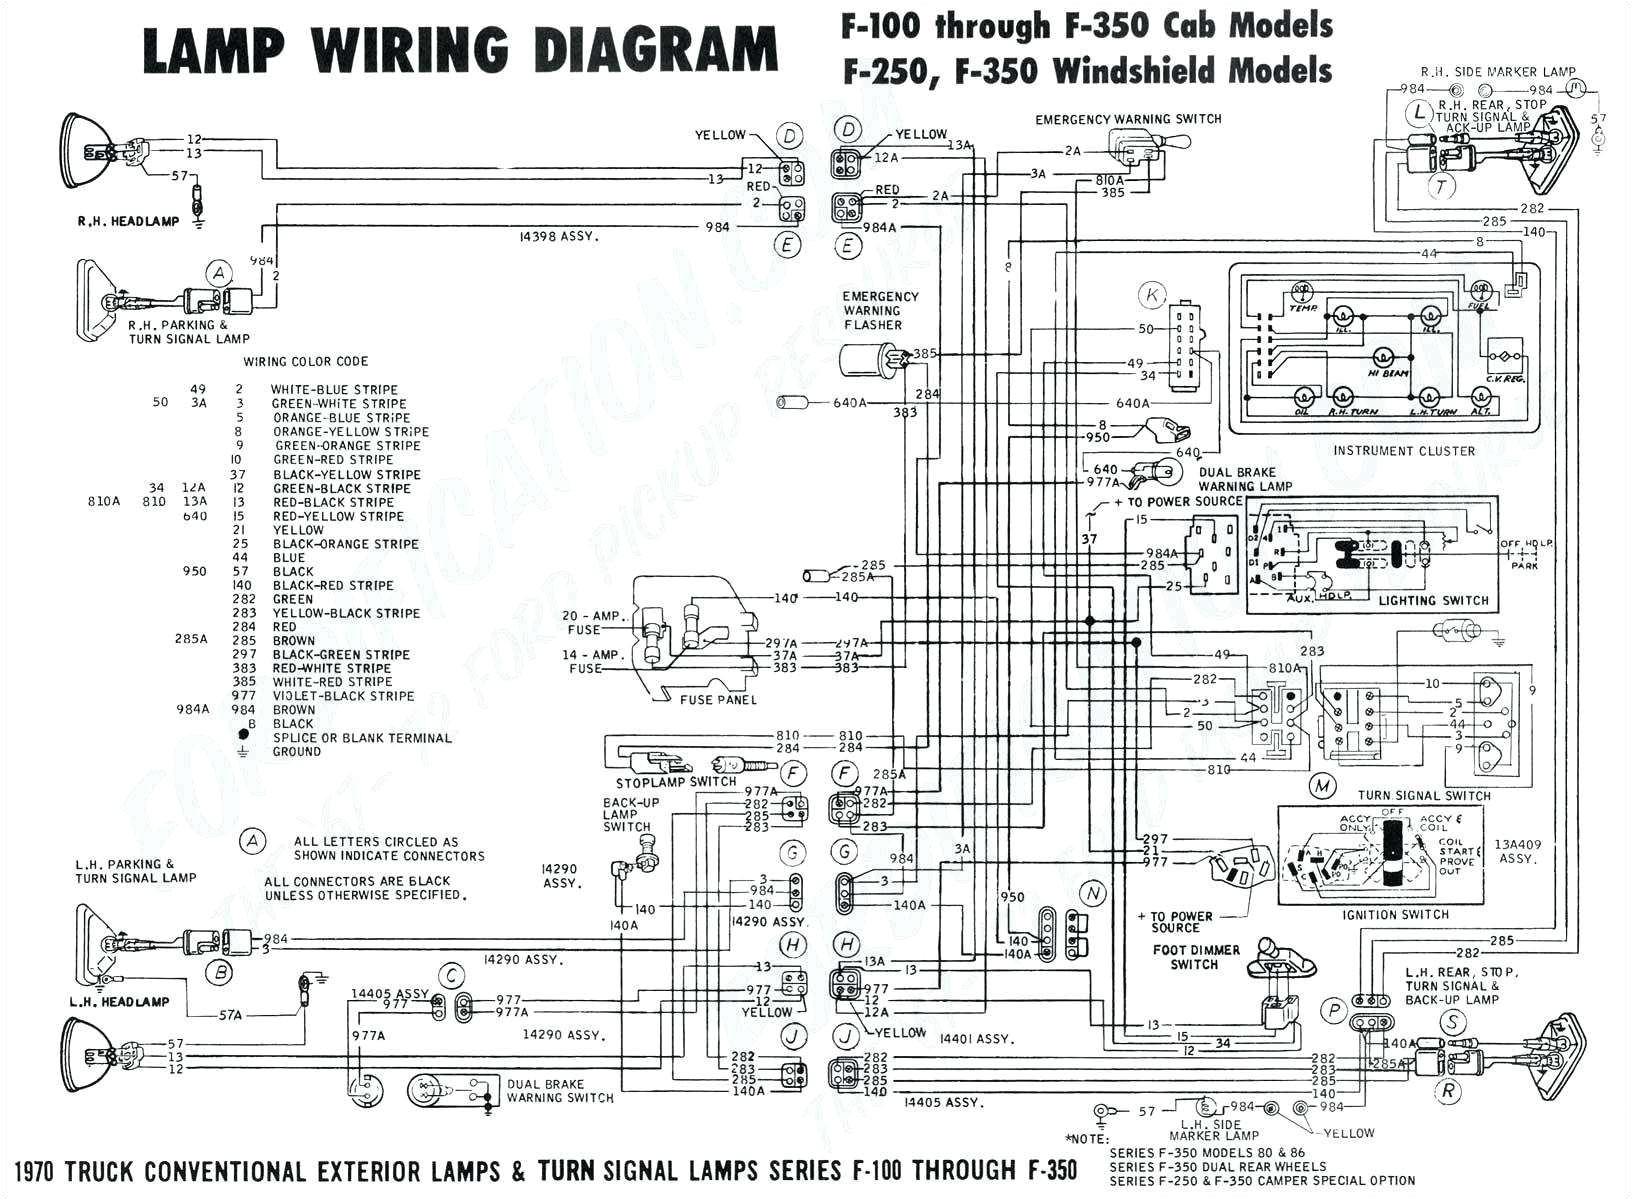 dodge ram 2500 as well 1500 wiring diagram on ke wiring diagram expert dodge ram 2500 as well 1500 wiring diagram on ke